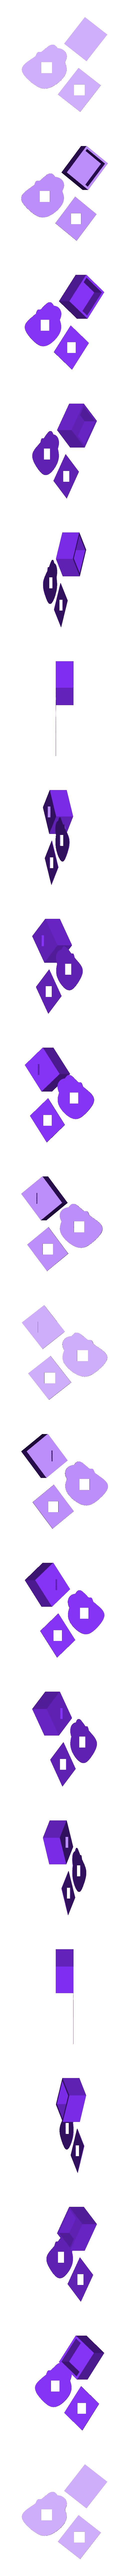 Black Parts.stl Télécharger fichier STL gratuit Petites villes - Burger Drive Through • Objet pour impression 3D, neil3dprints